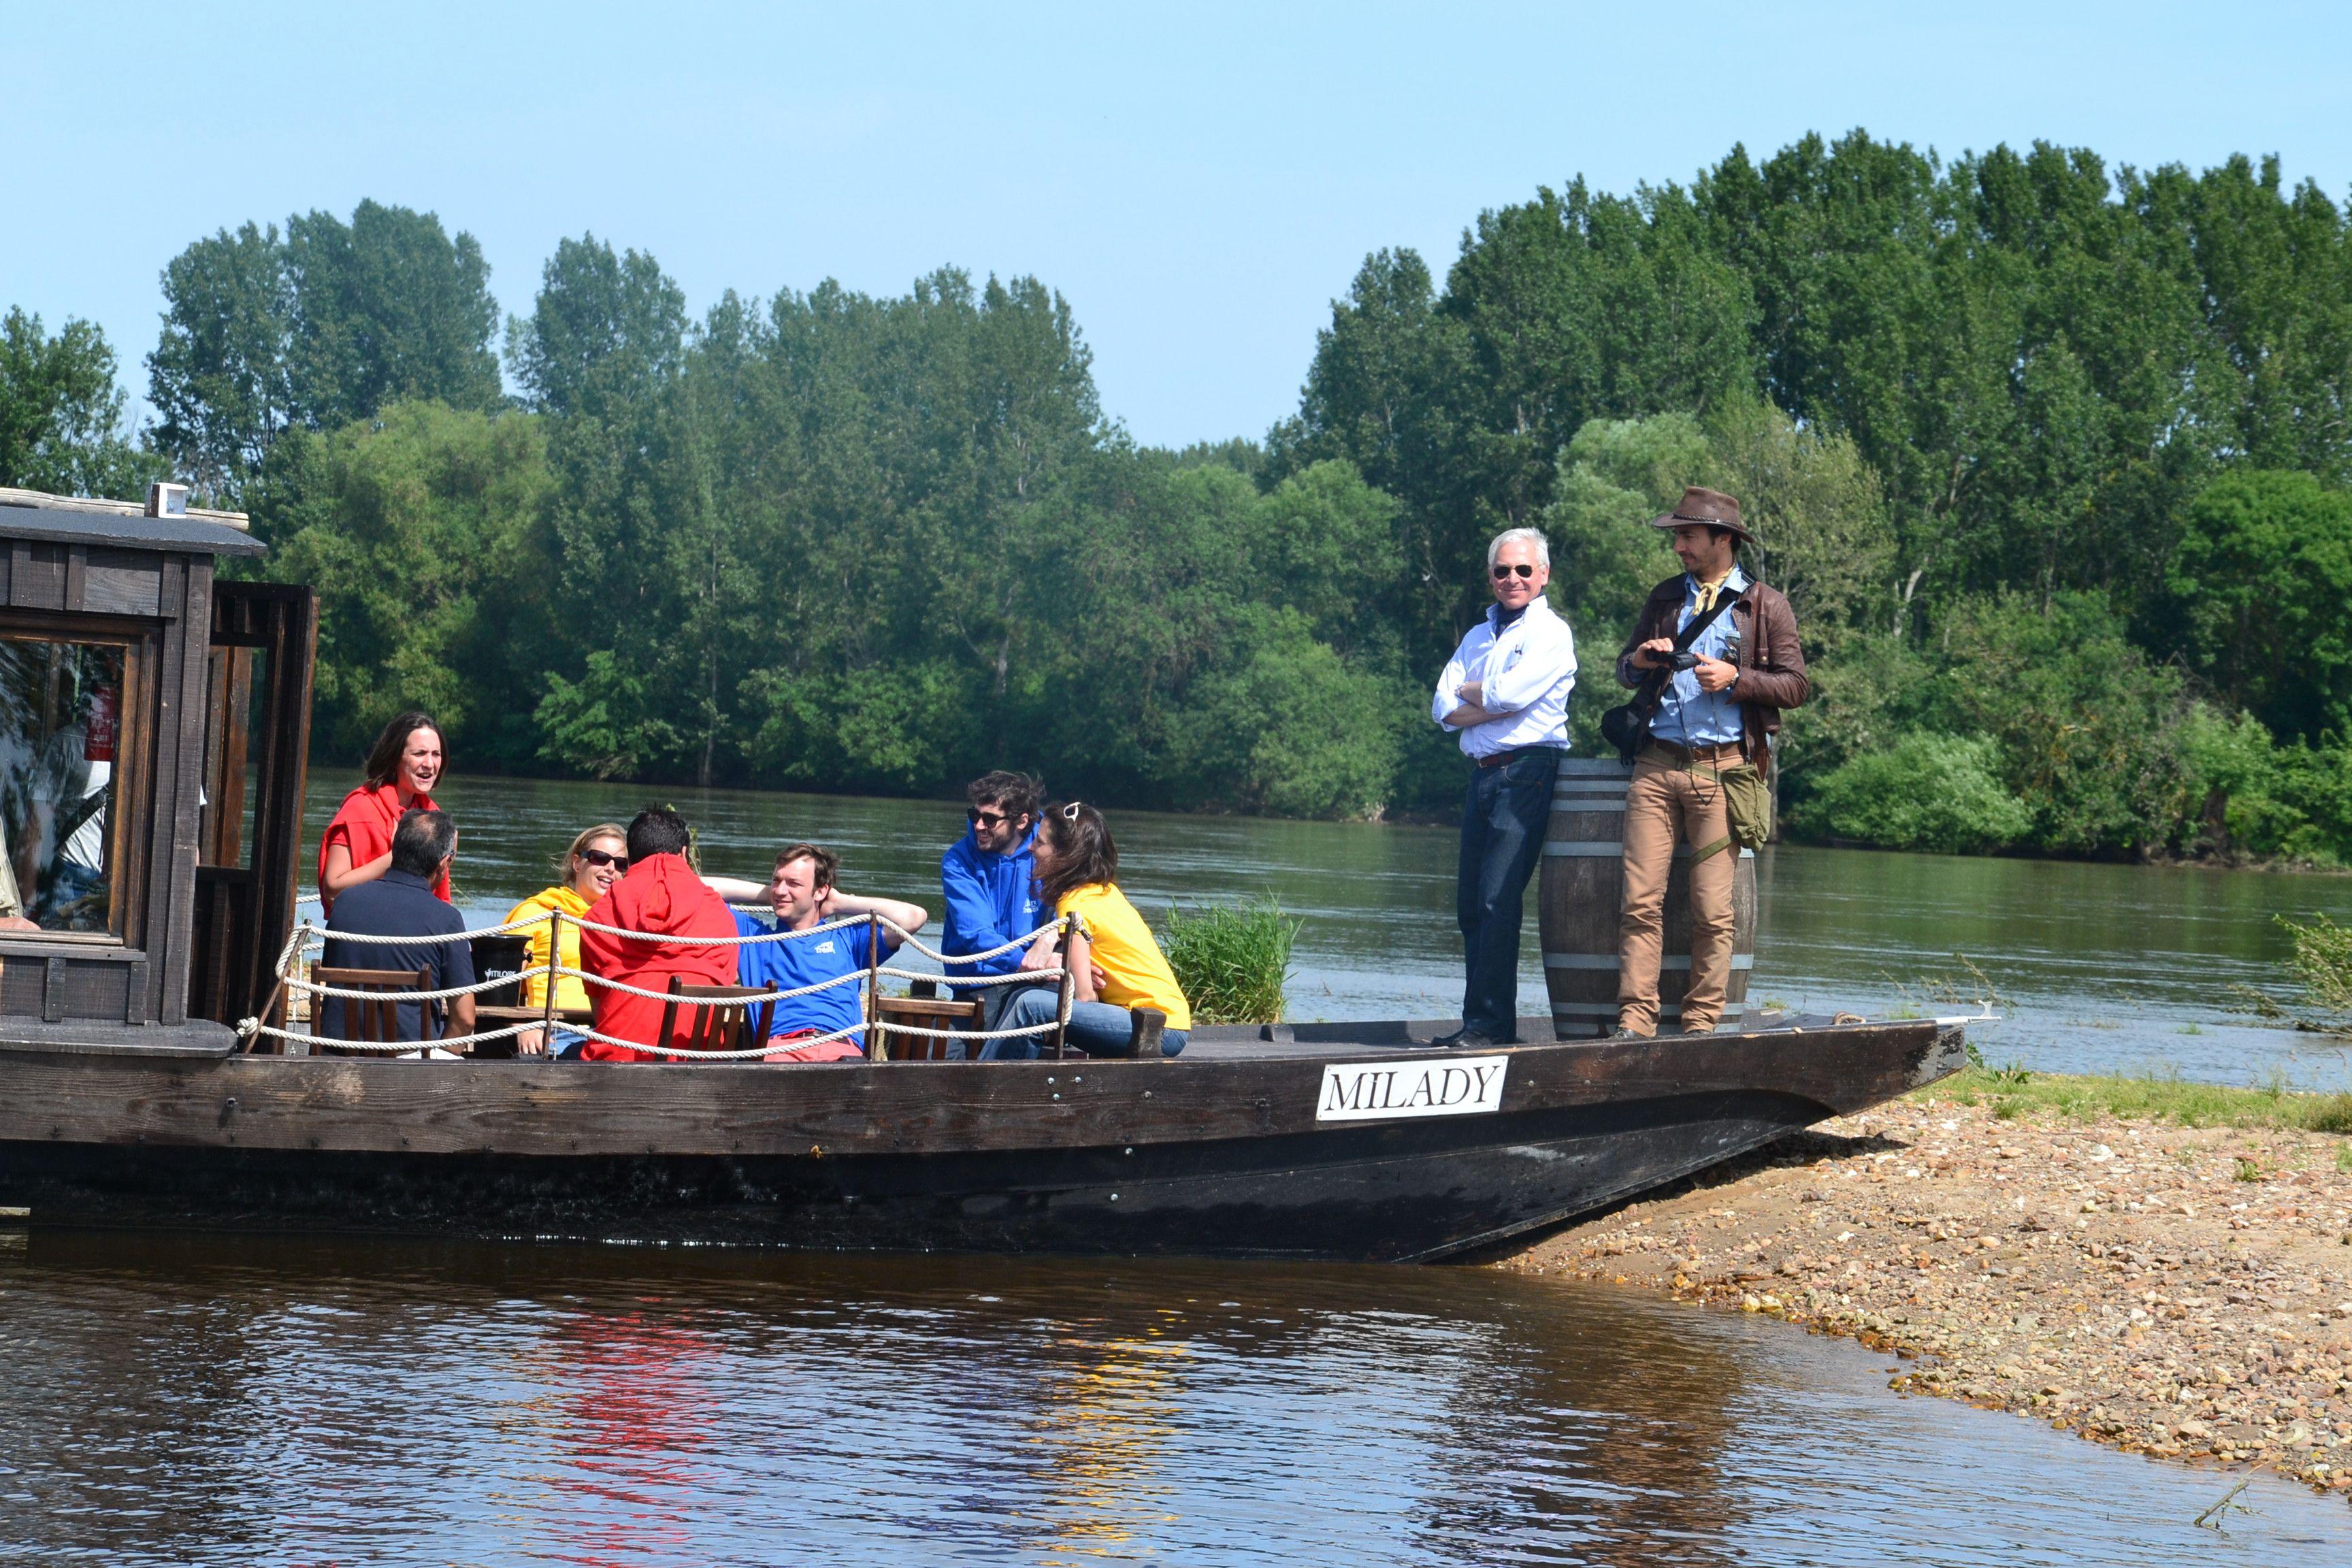 Tournage Jour 2 : petite balade fluviale sur une toue cabanée.